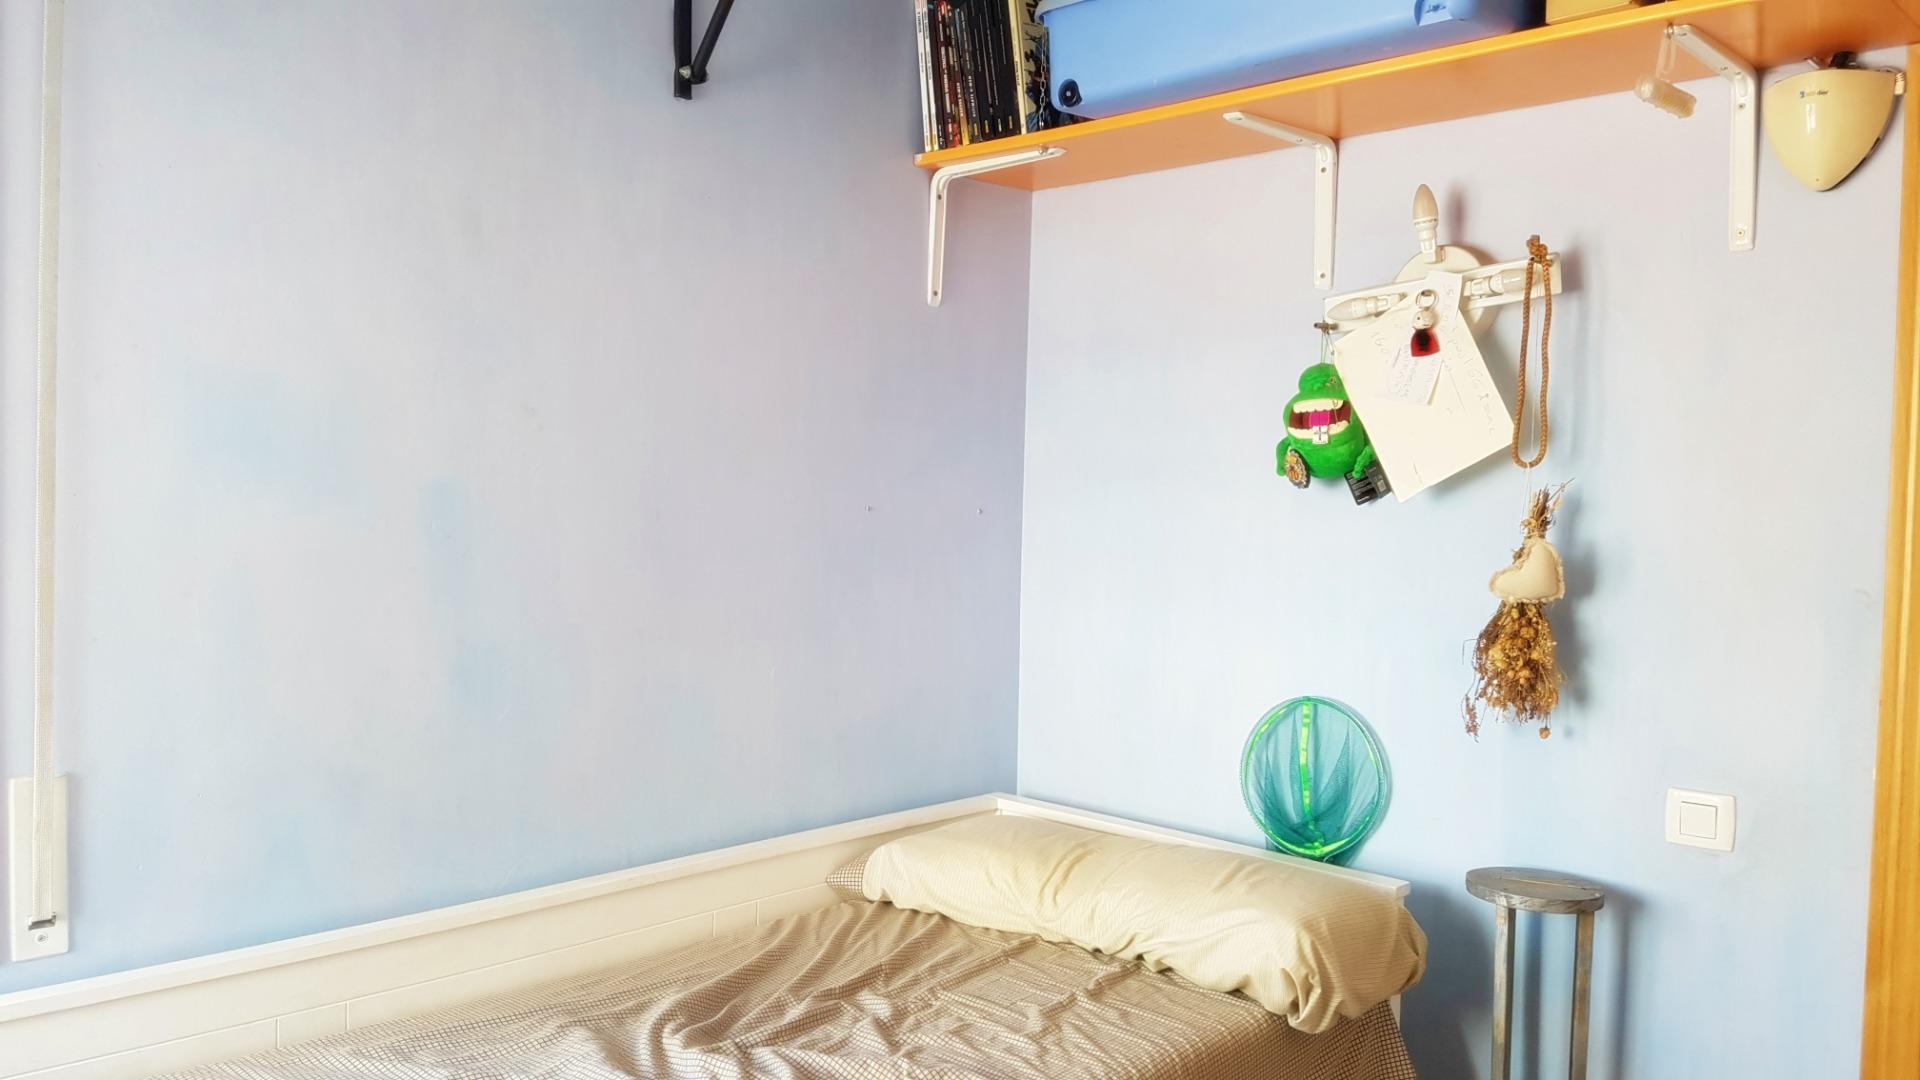 Appartamento  Sant joan despí, zona de - Sant Joan Despí. Encantador piso con vistas a l'eixample